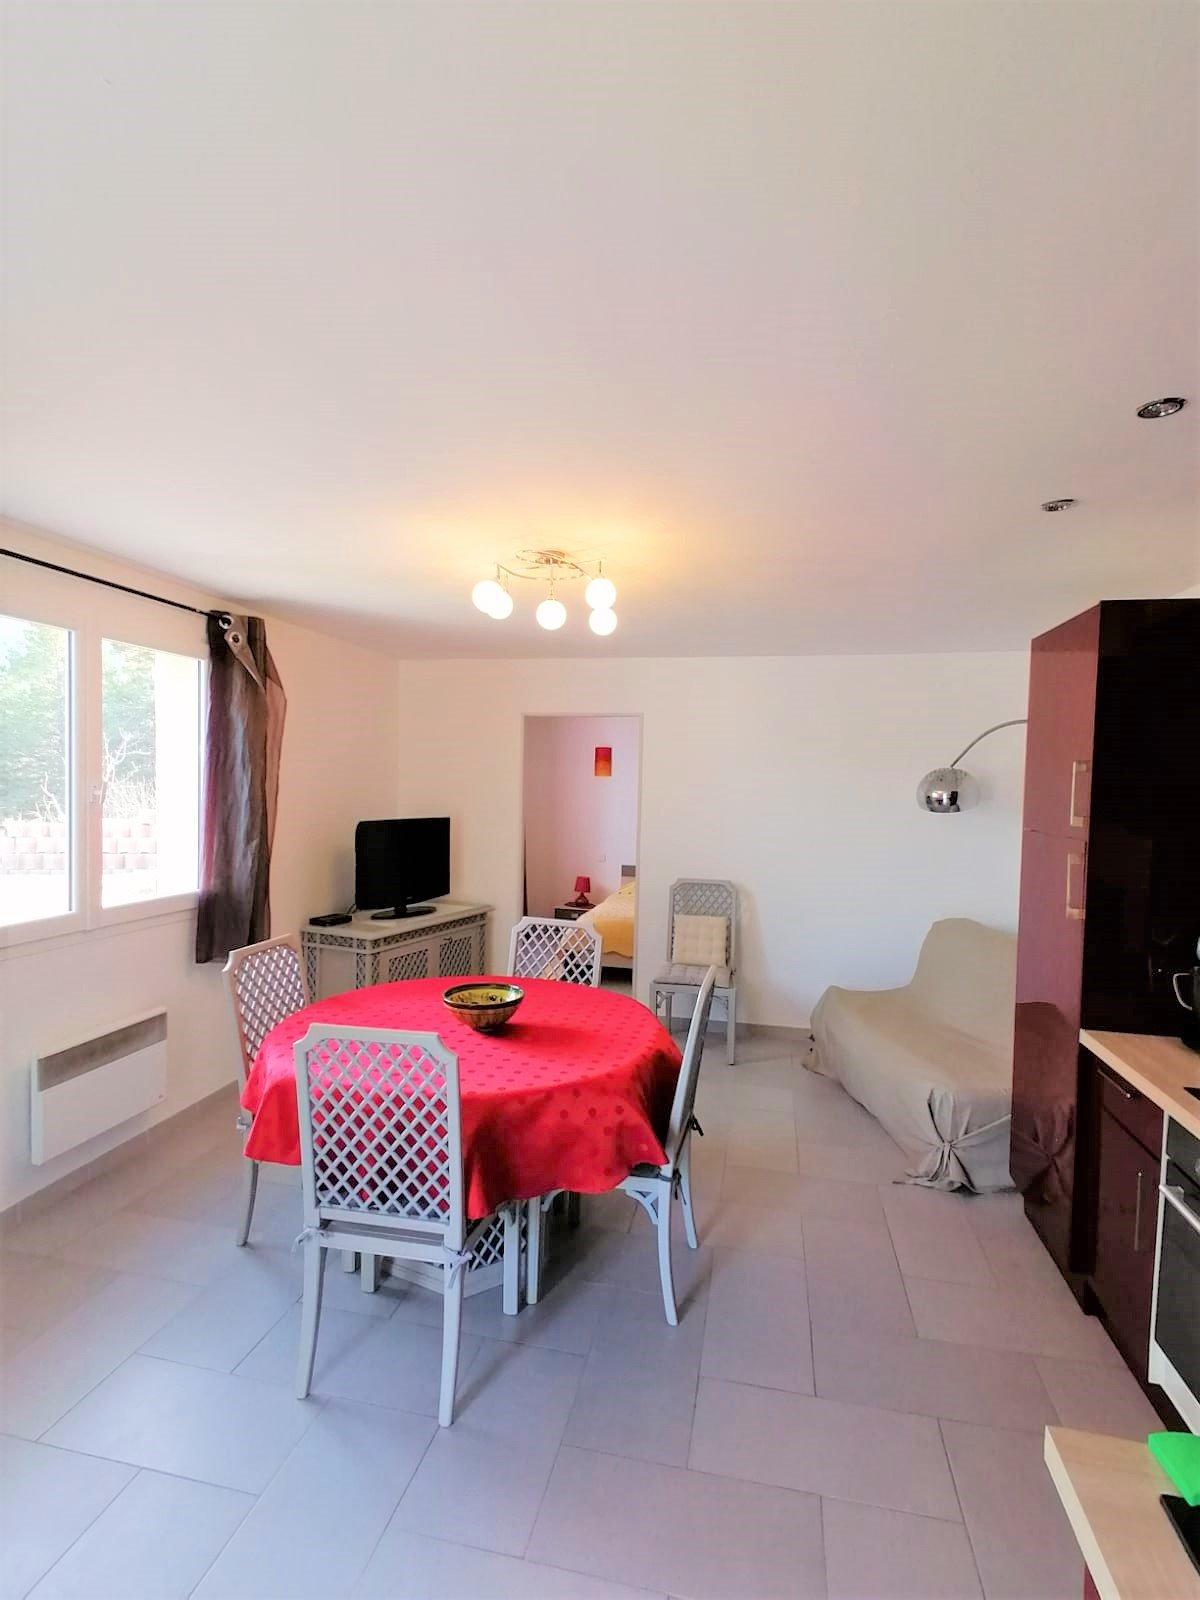 Maison et Appartement - St Auban